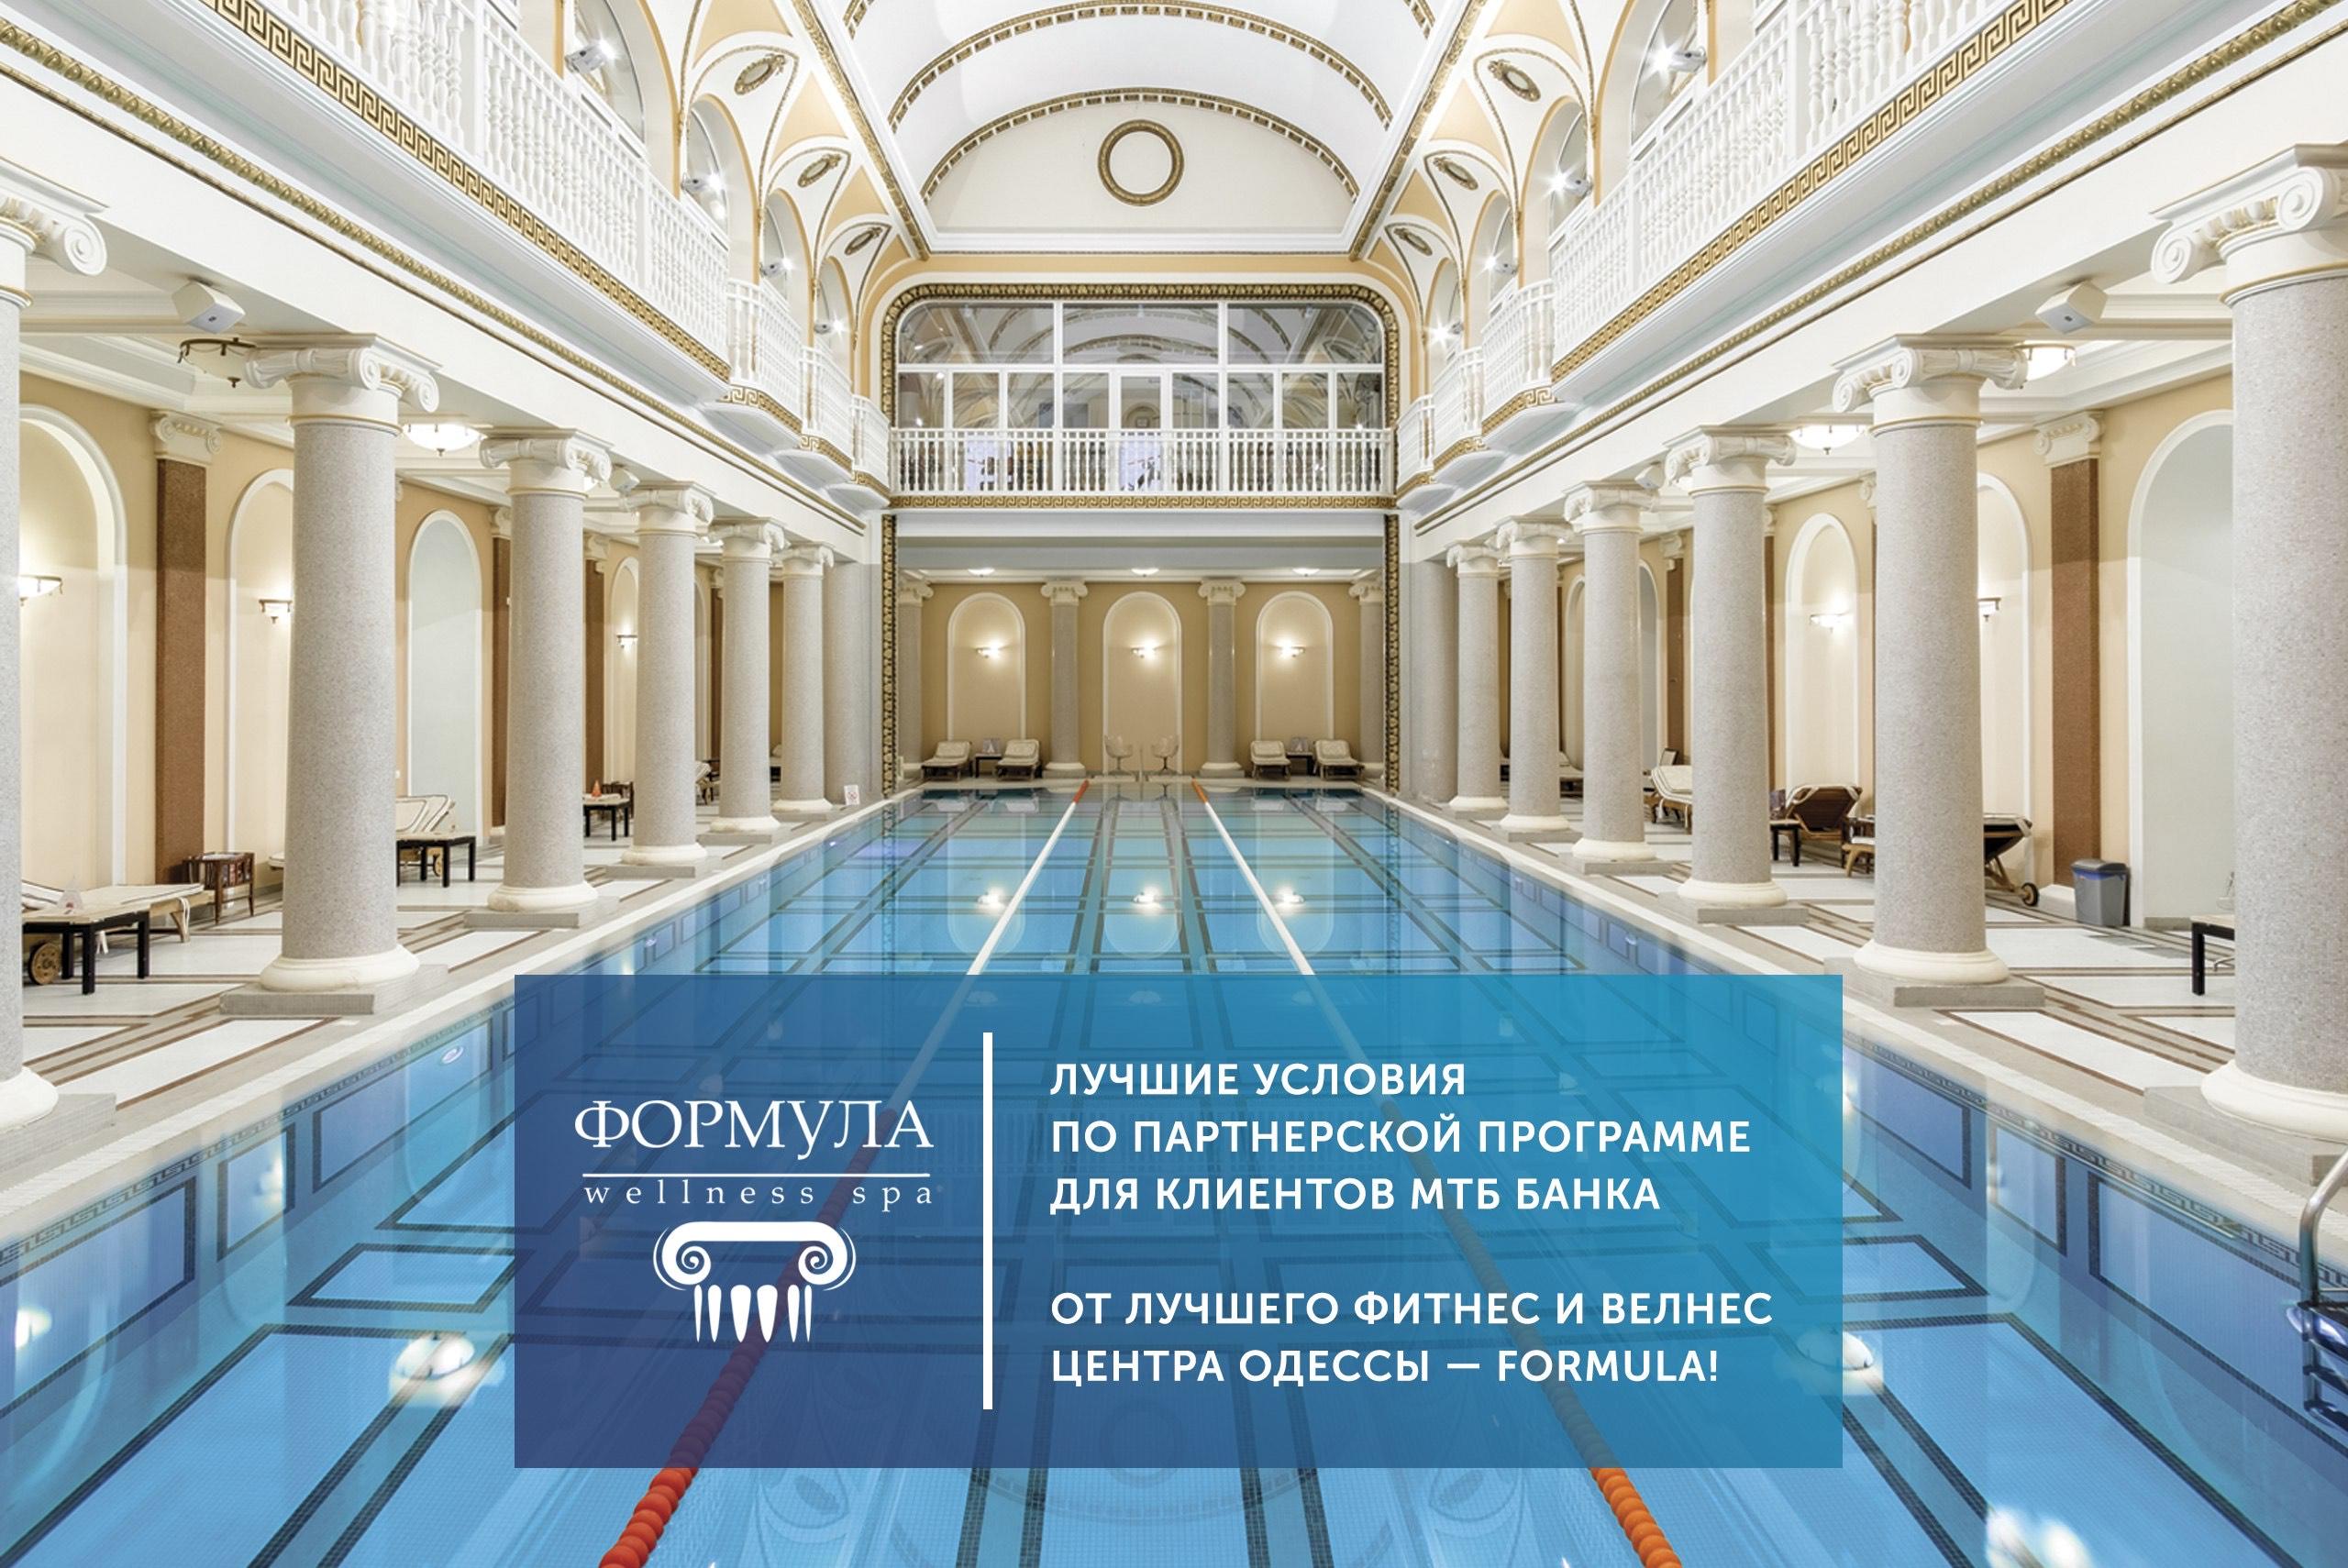 Партнерская программа  МТБ БАНКа и Formula Wellness SPA!    - фото - mtb.ua